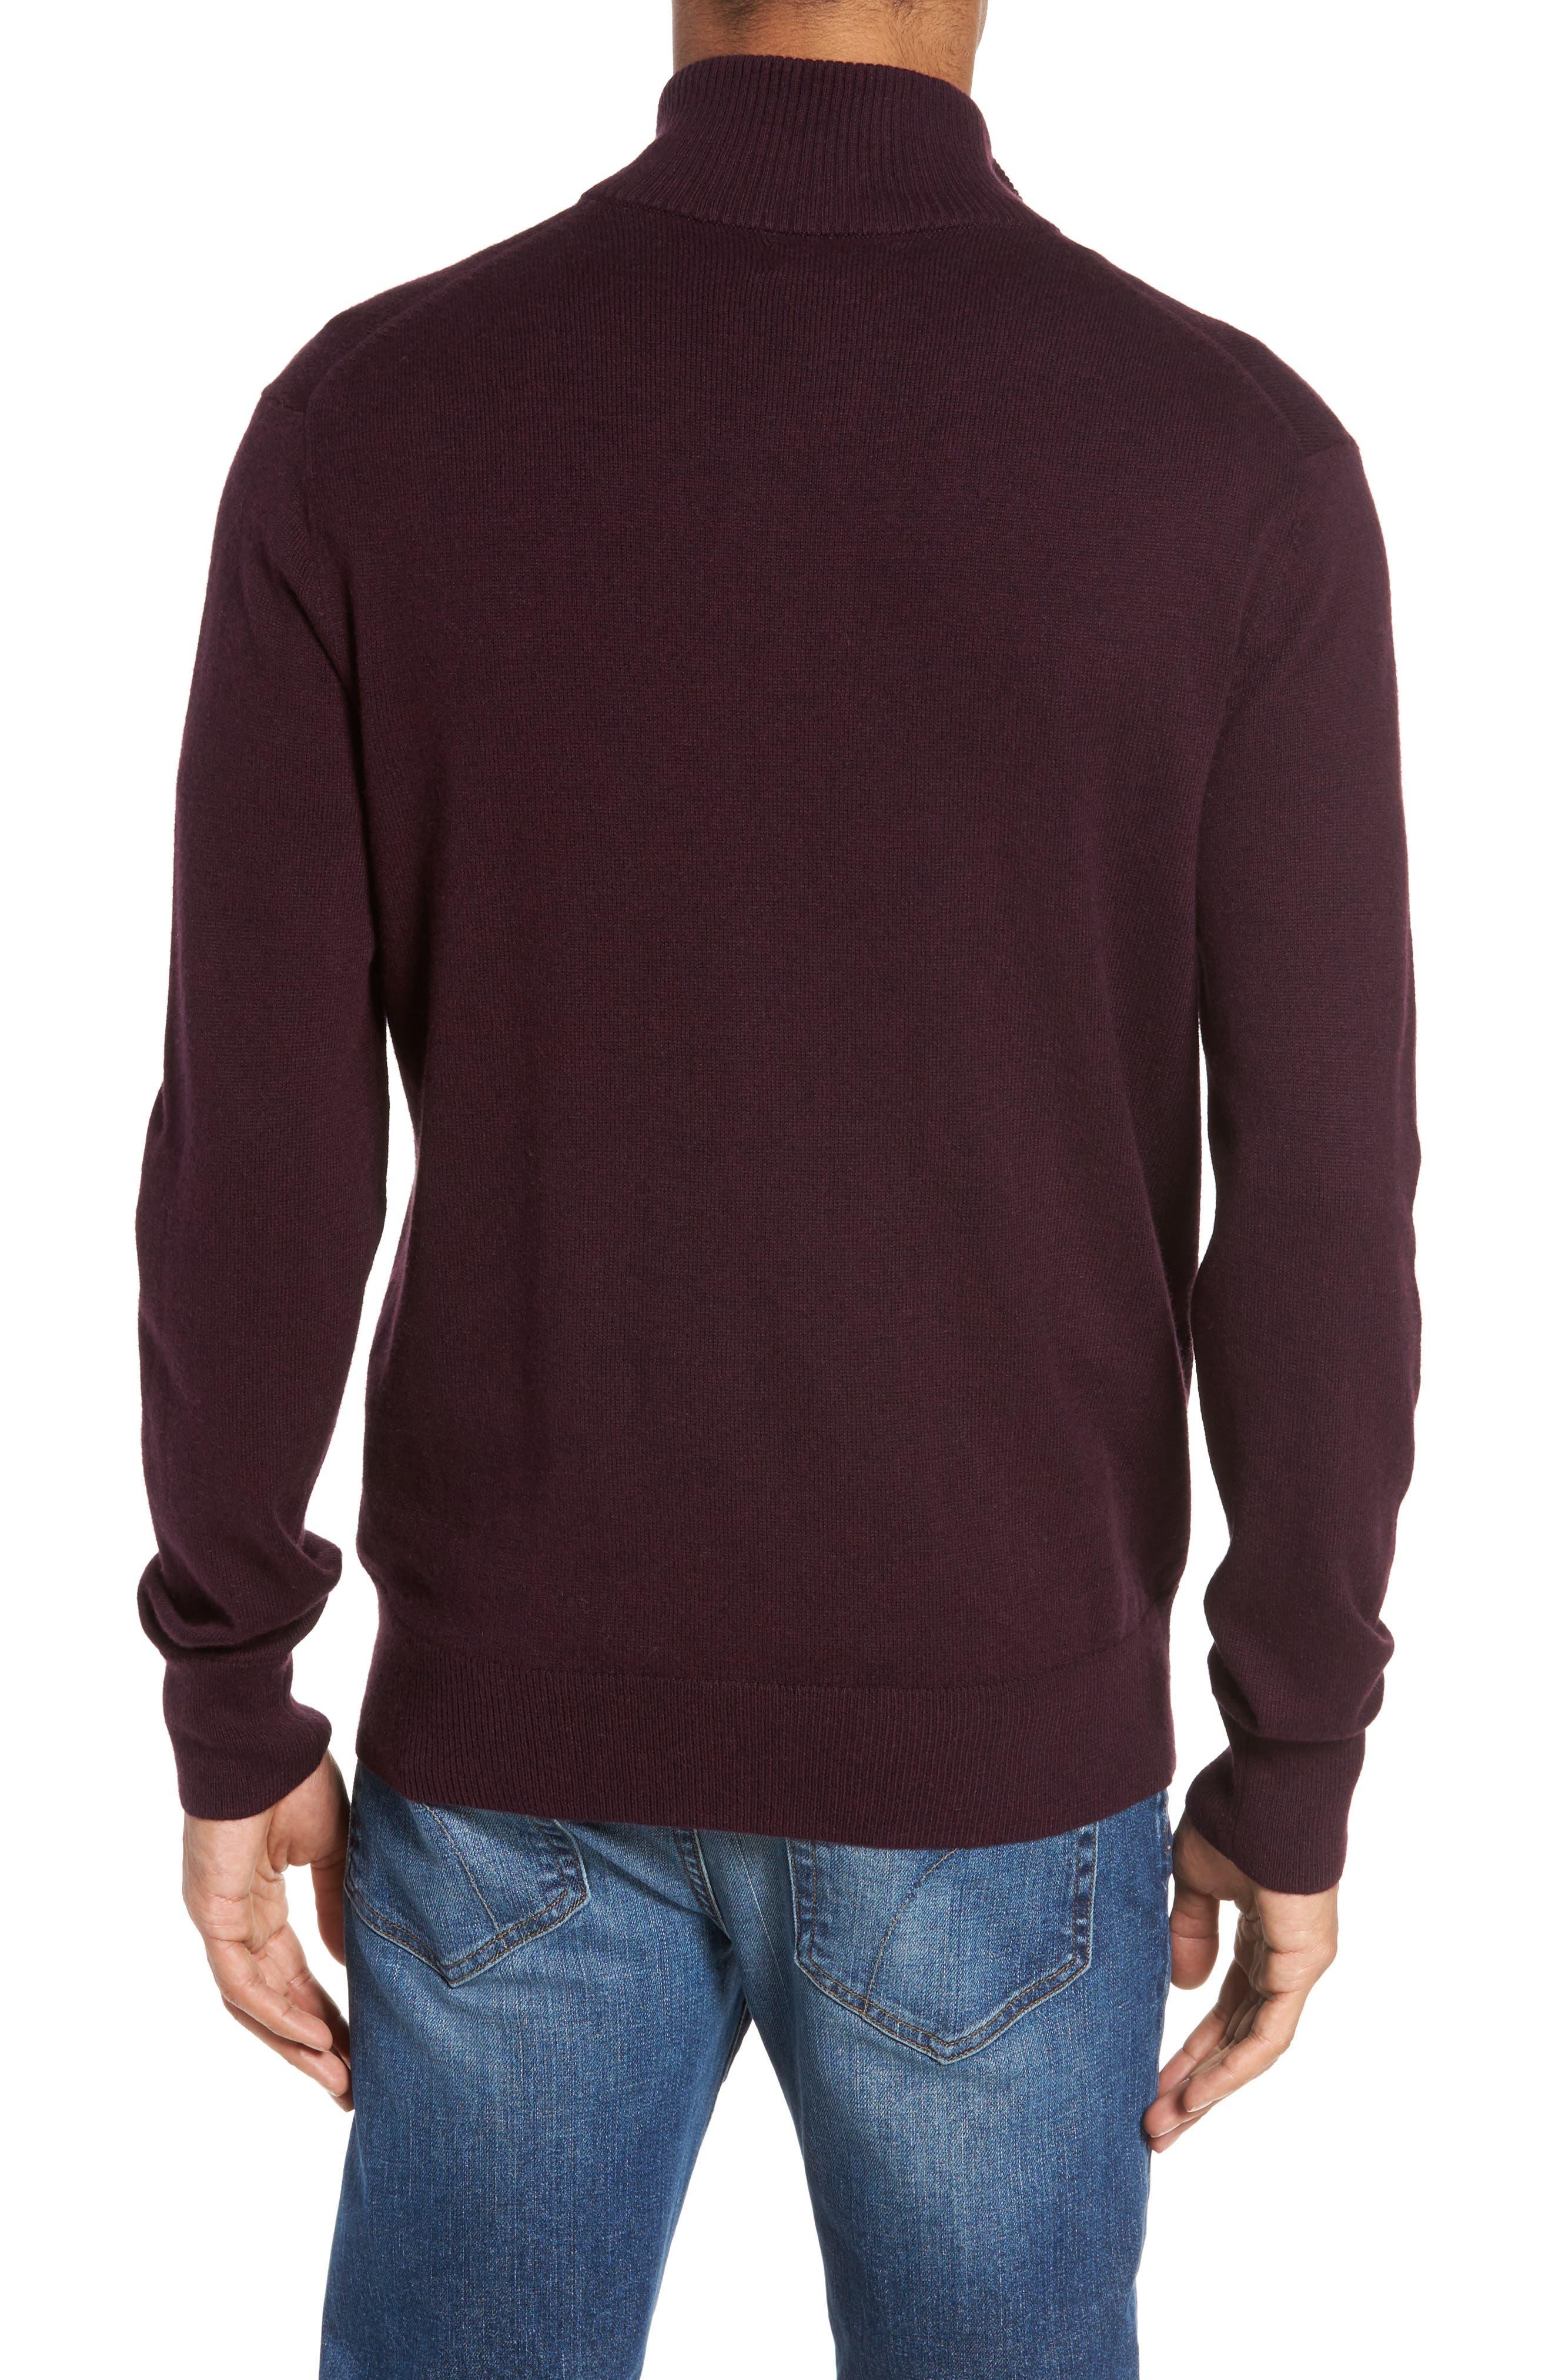 Cotton & Cashmere Quarter Zip Sweater,                             Alternate thumbnail 2, color,                             600